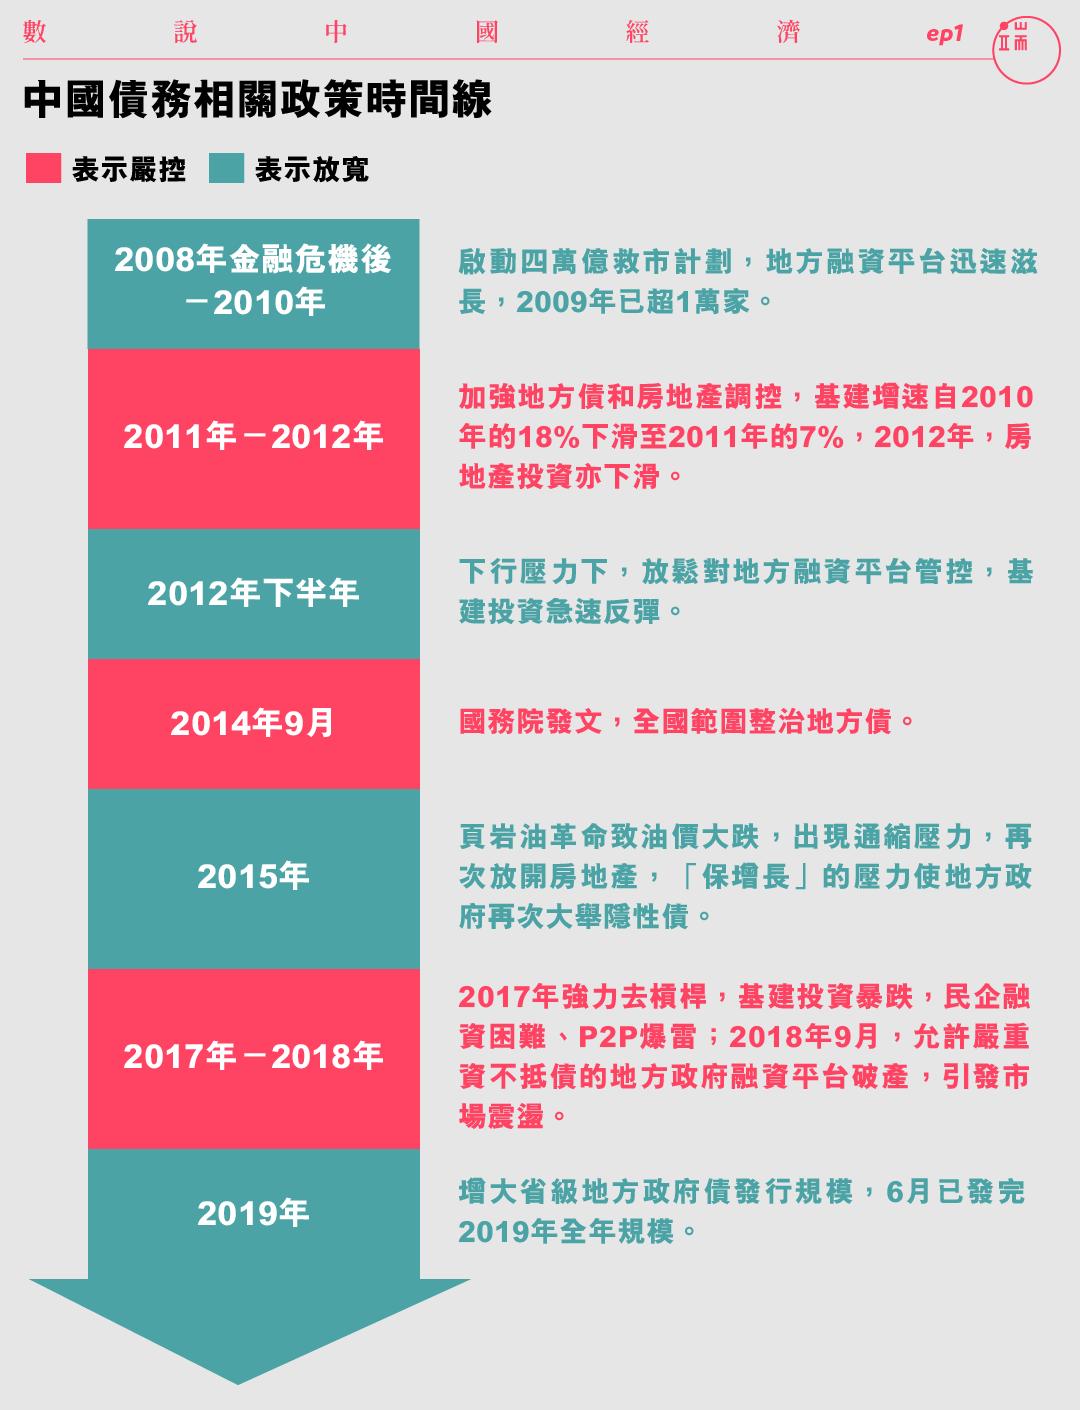 中國債務相關政策時間線。